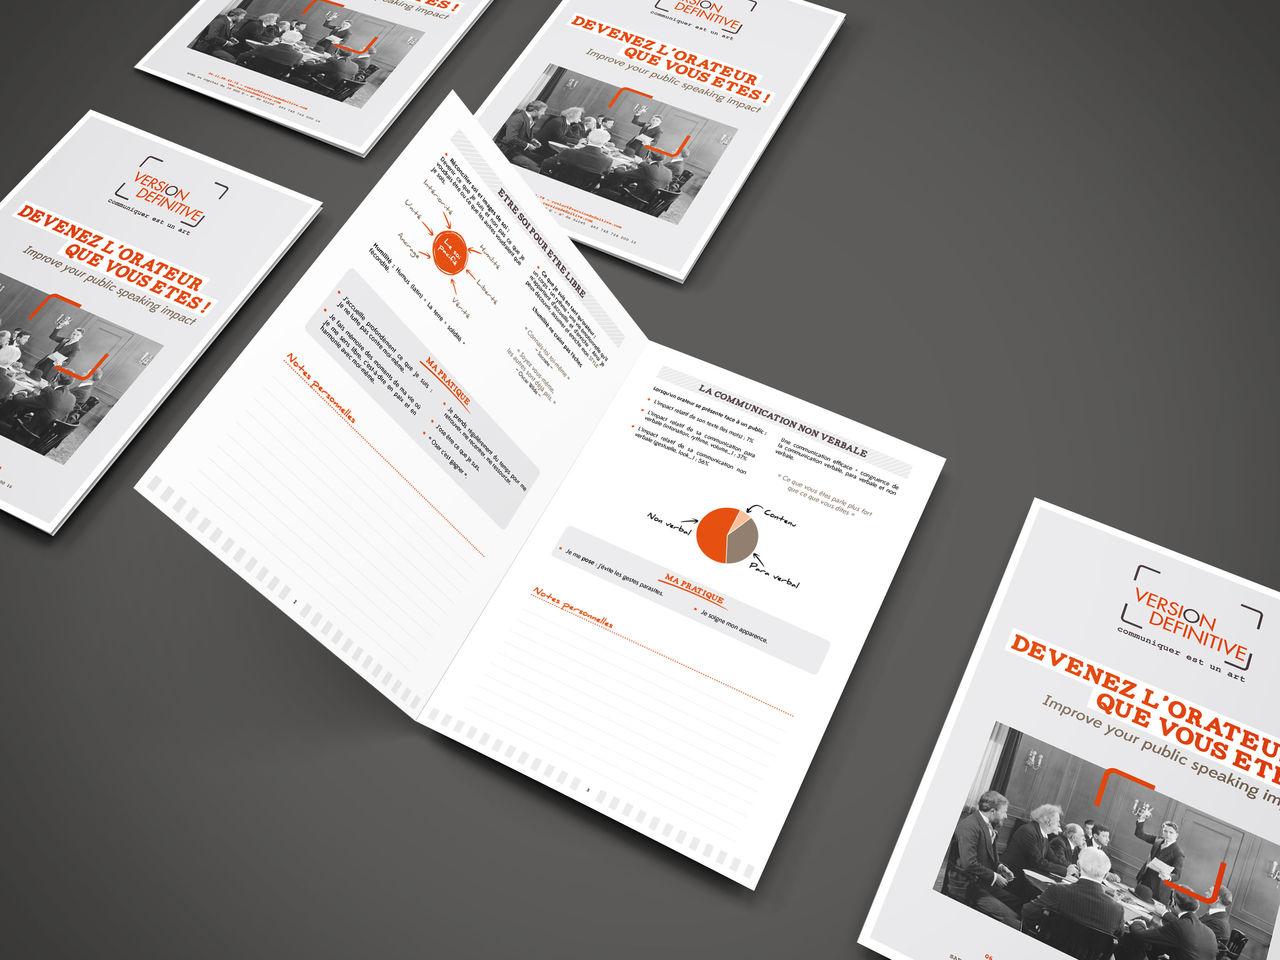 Brochure pour Version Définitive